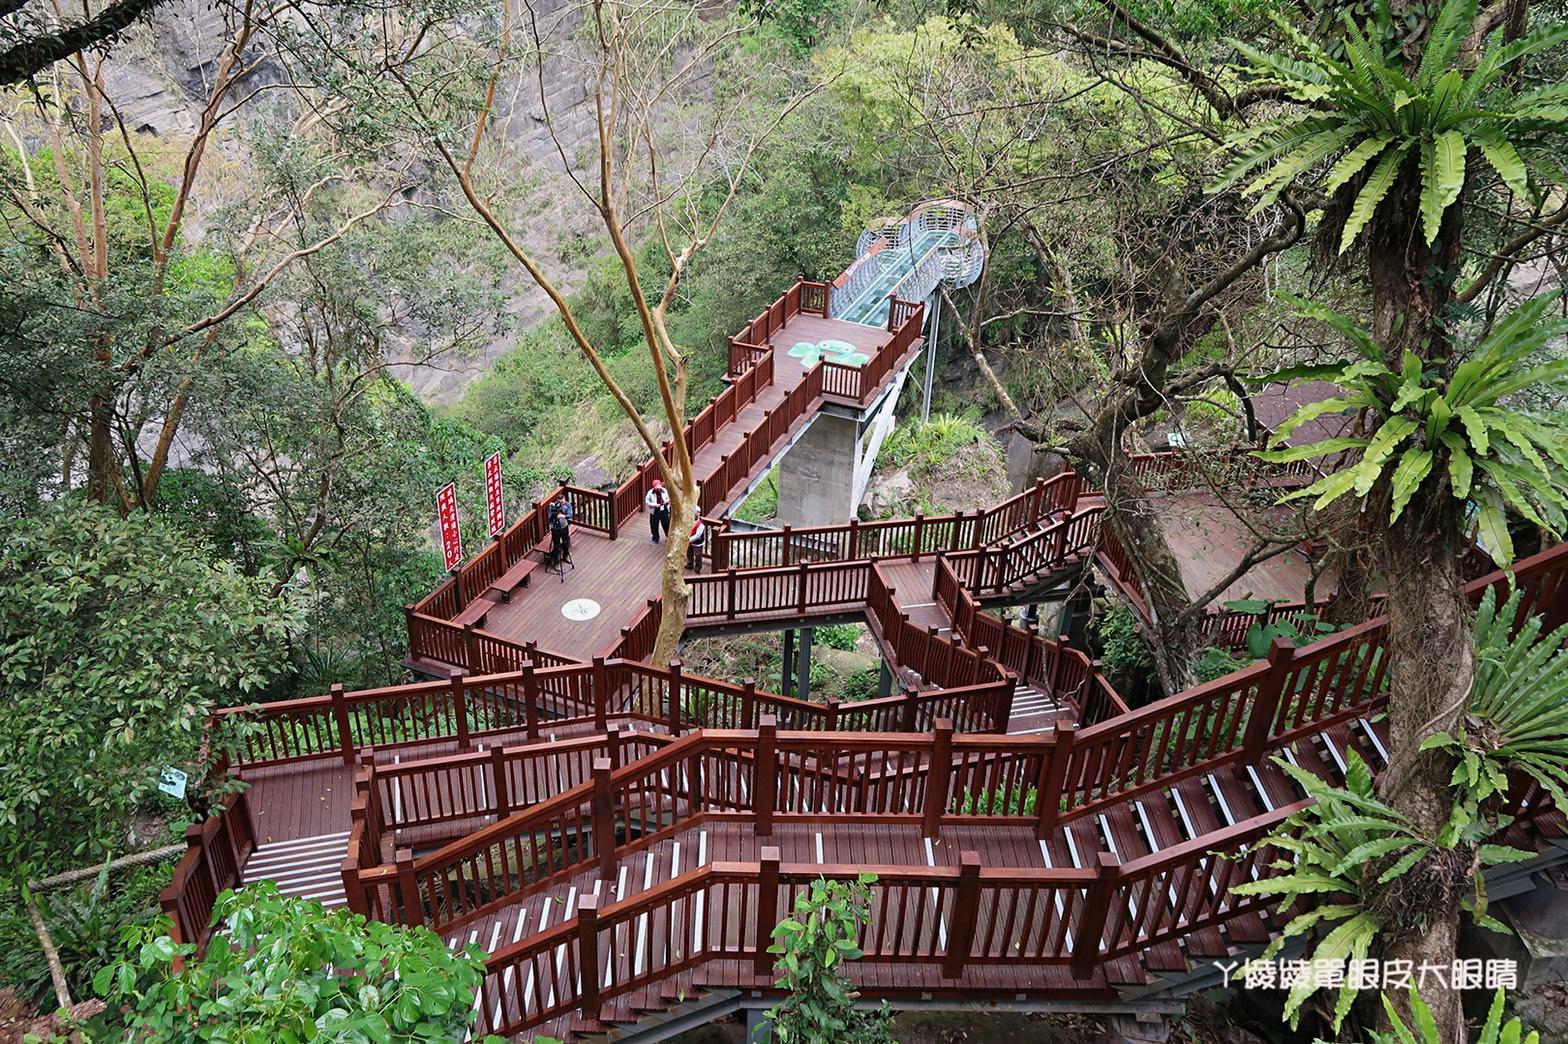 新竹尖石旅遊景點!青蛙石天空步道最新報導,門票|開放時間|地址|停車場資訊|交通方式|線上預約